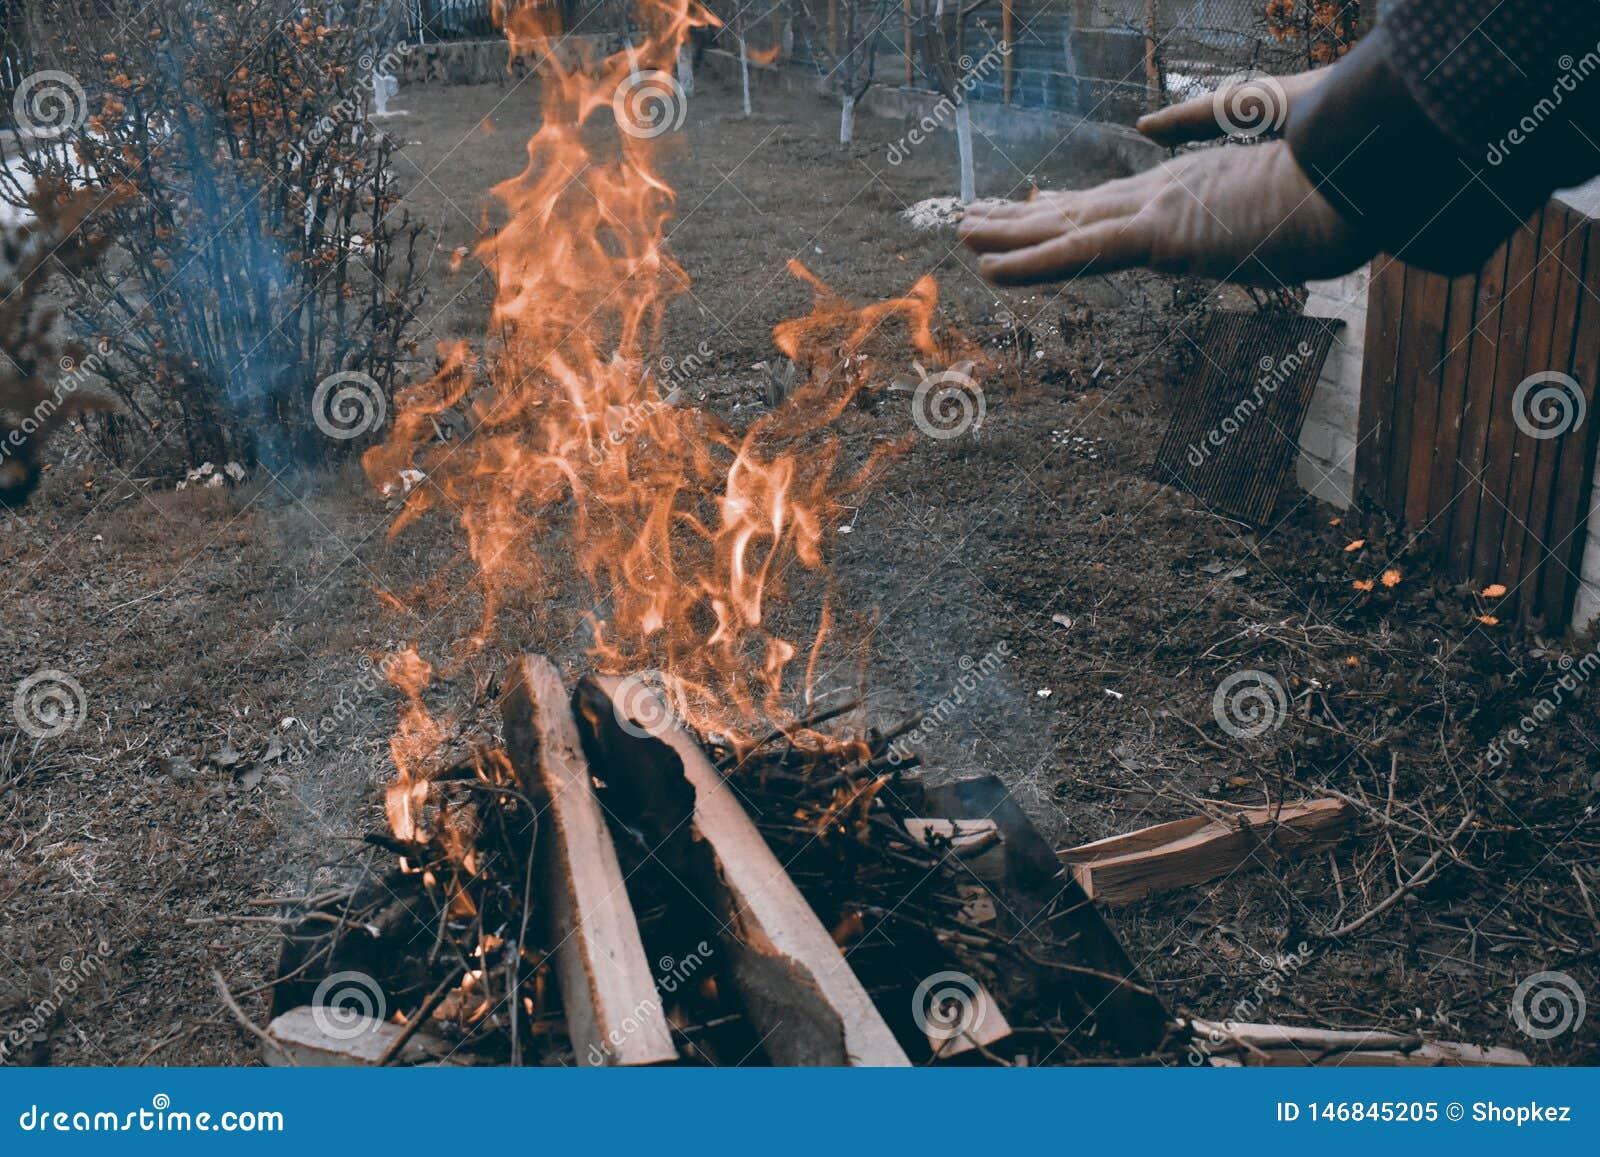 Hombre caucásico que se calienta las manos en la hoguera en una atmósfera oscura fría